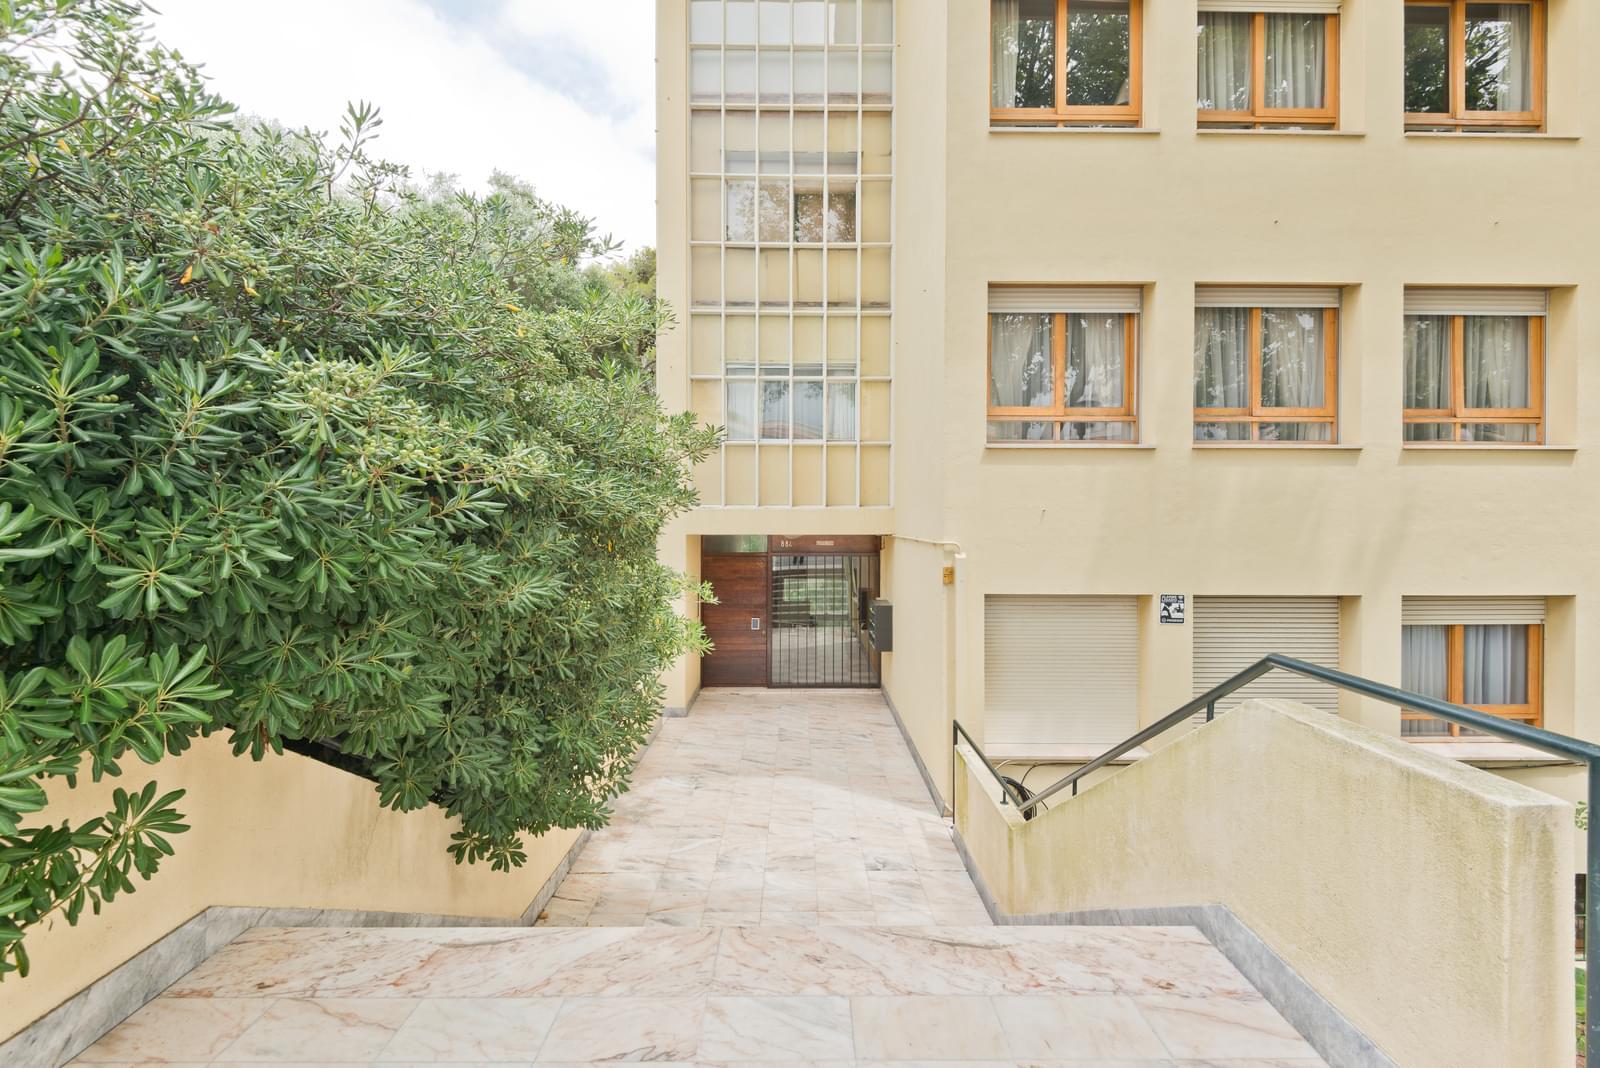 pf17818-apartamento-t1-cascais-f5c8ae9b-f1ba-48d3-bb67-a4bc3d5b0982